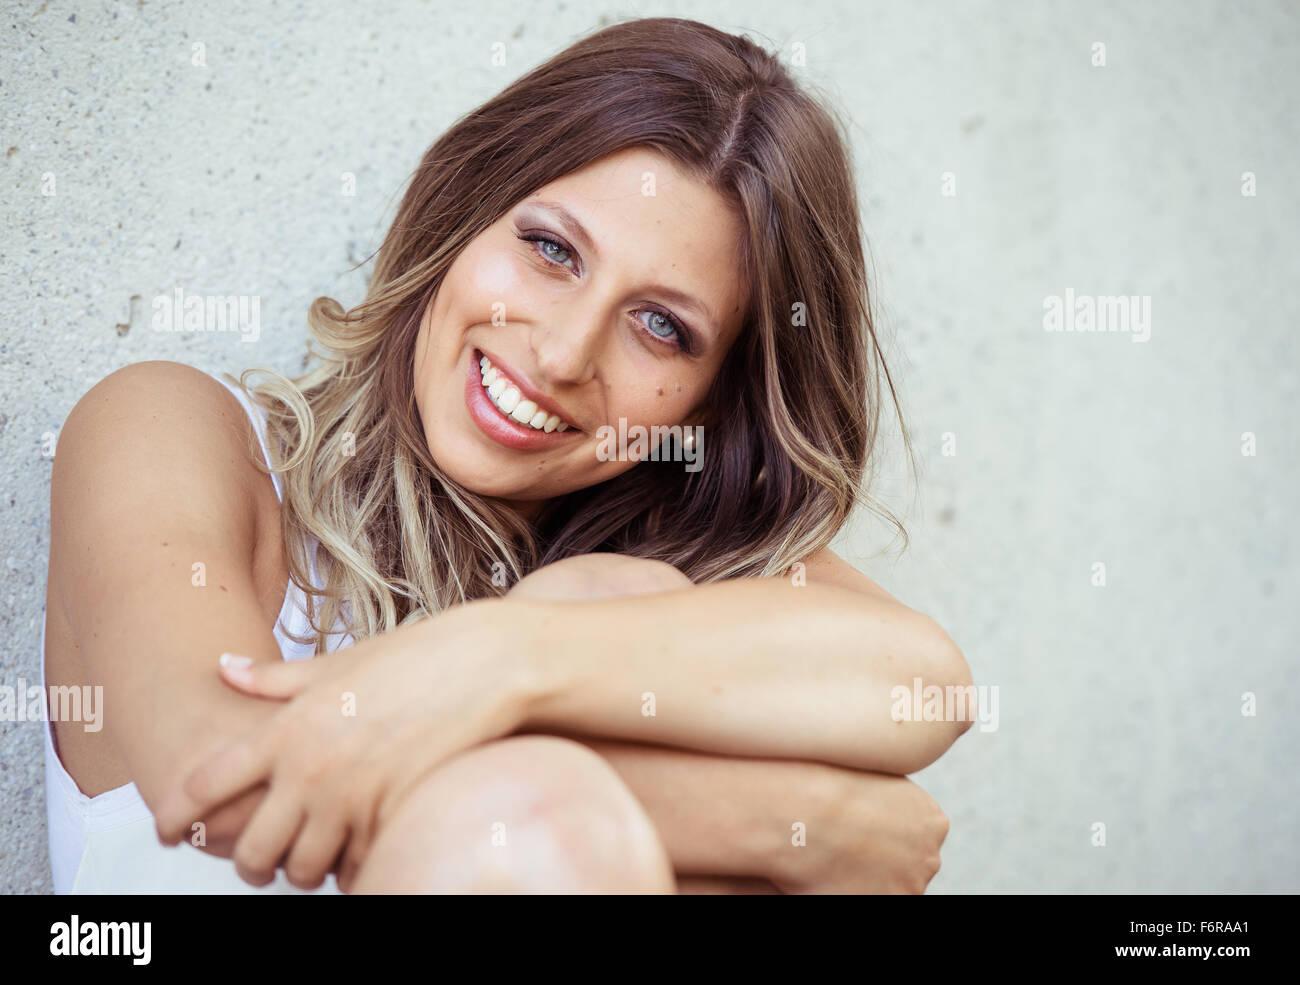 Femme Jeune, beau, souriant, avec de longs cheveux et des yeux bleus, portrait Photo Stock